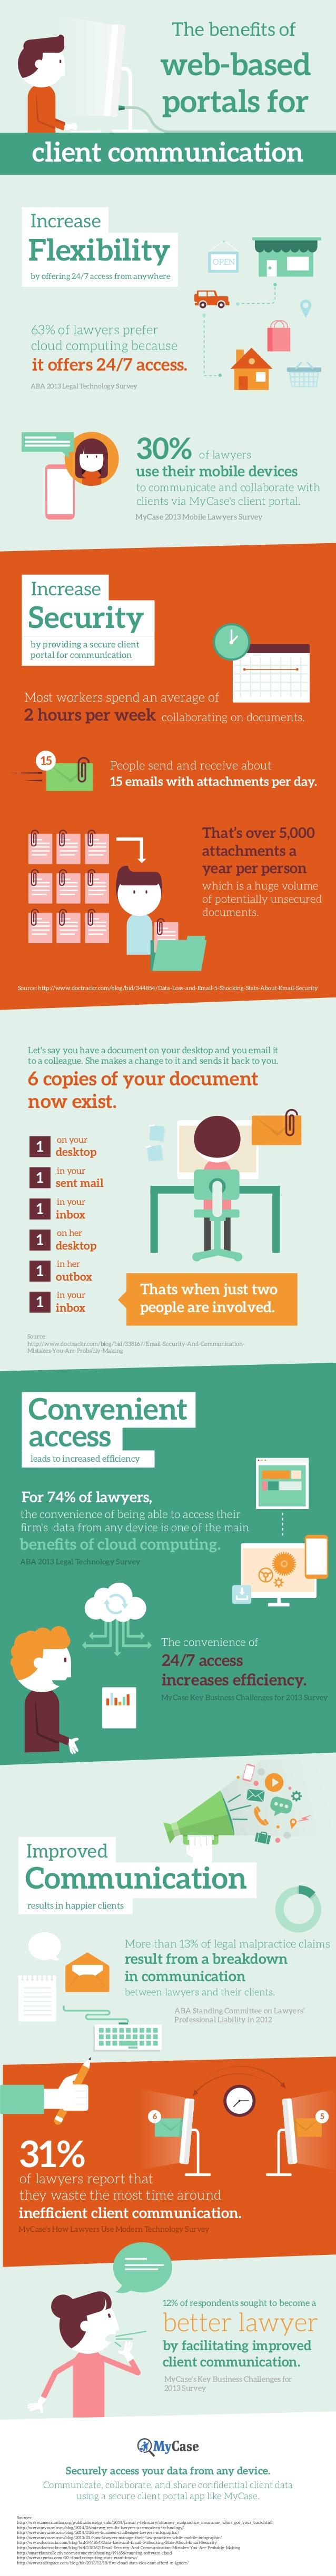 Beneficios de los portales web basados en la comunicación con el cliente